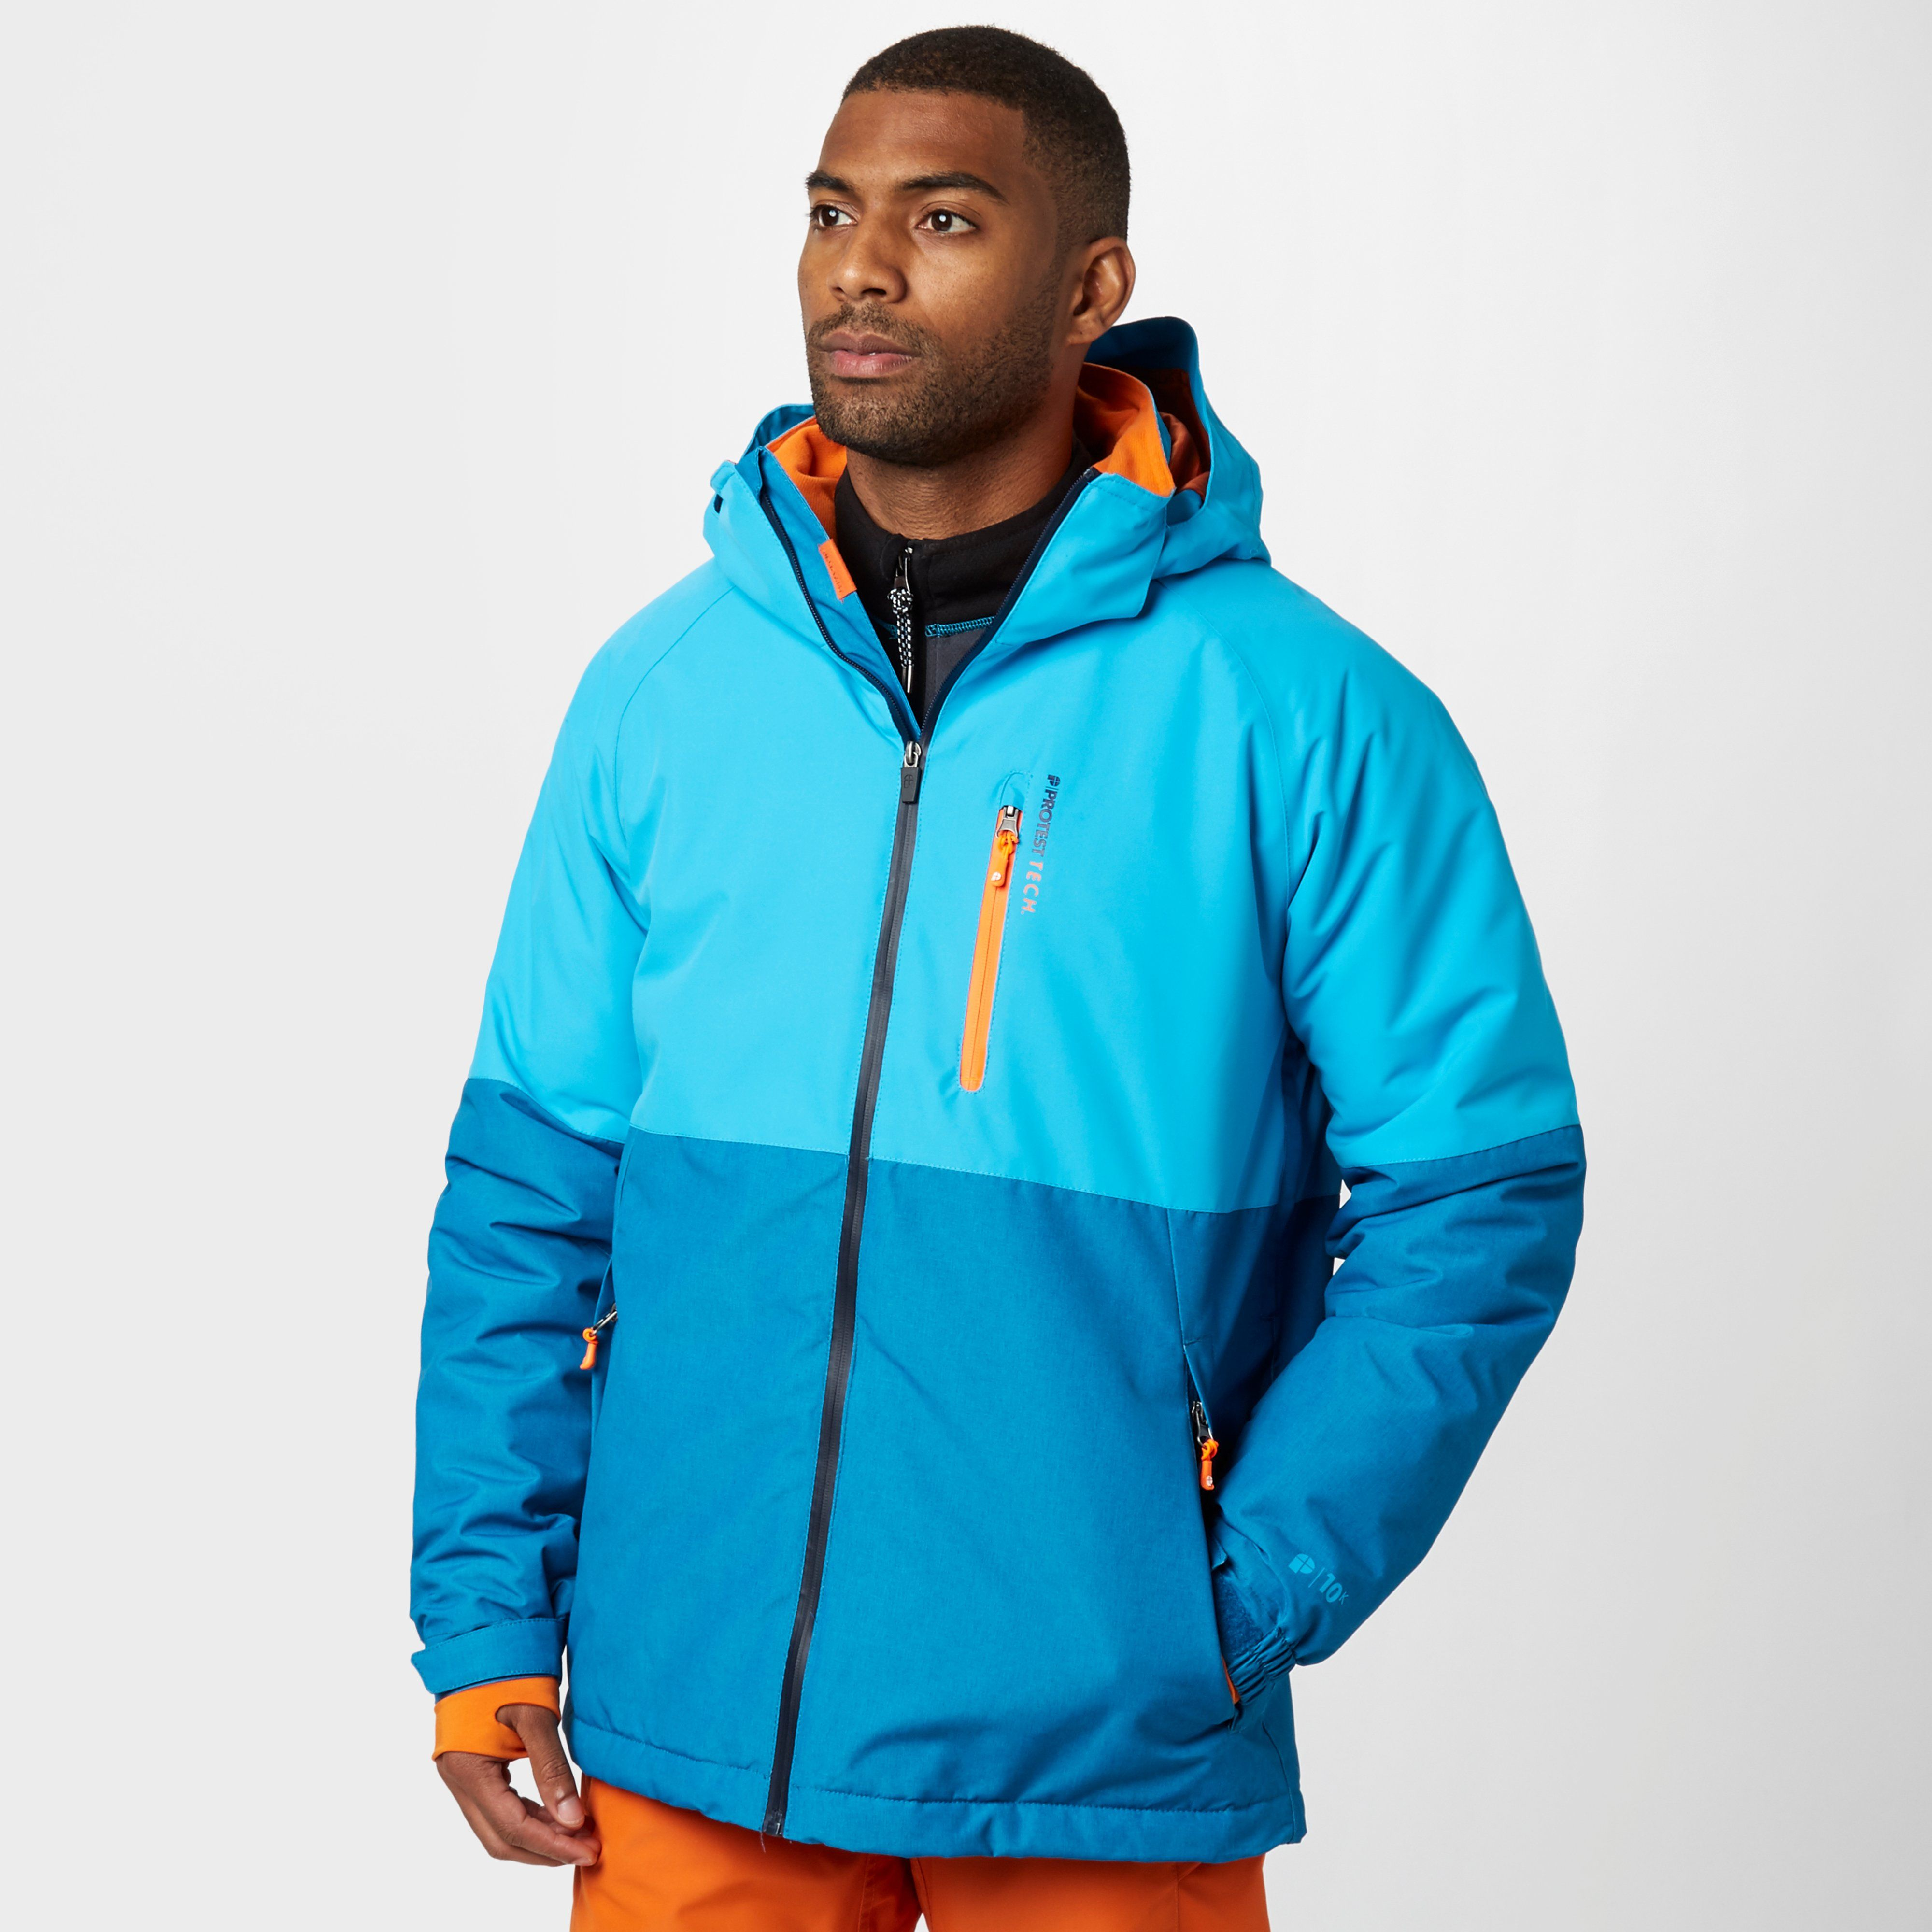 PROTEST Men's Blizzard Ski Jacket